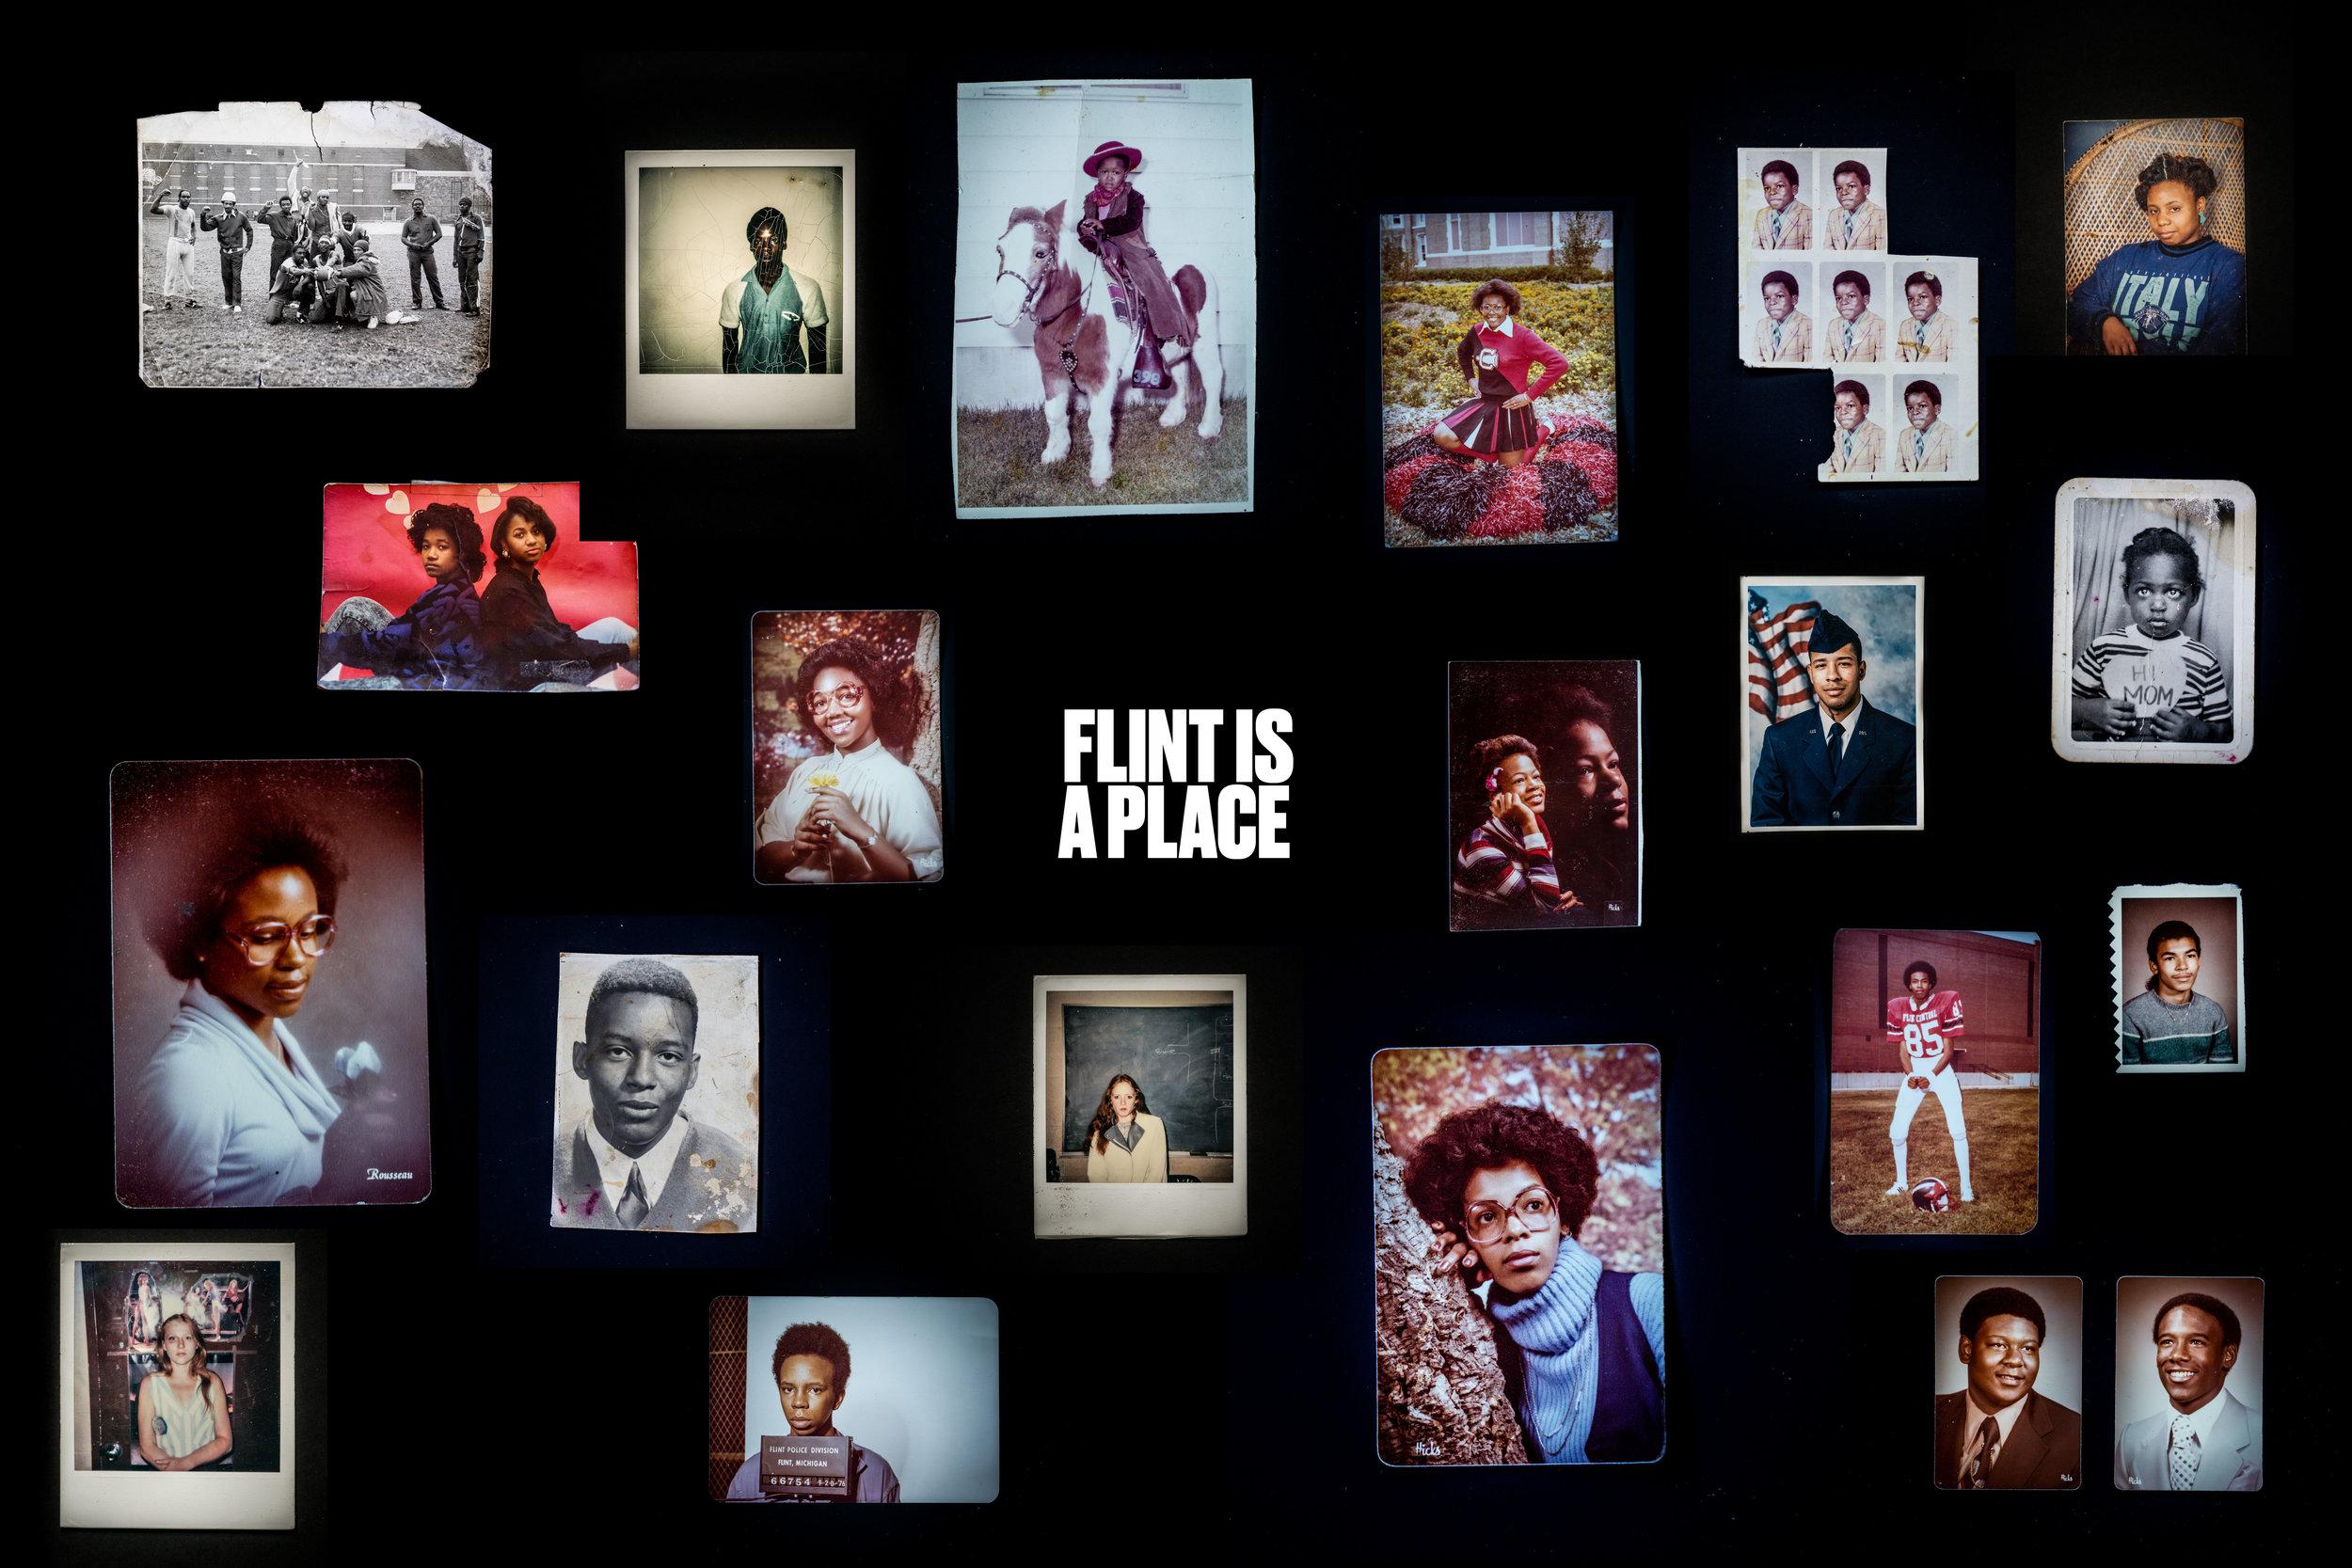 01_Wallpaper_Flint is a place_Zackary Canepari.jpg